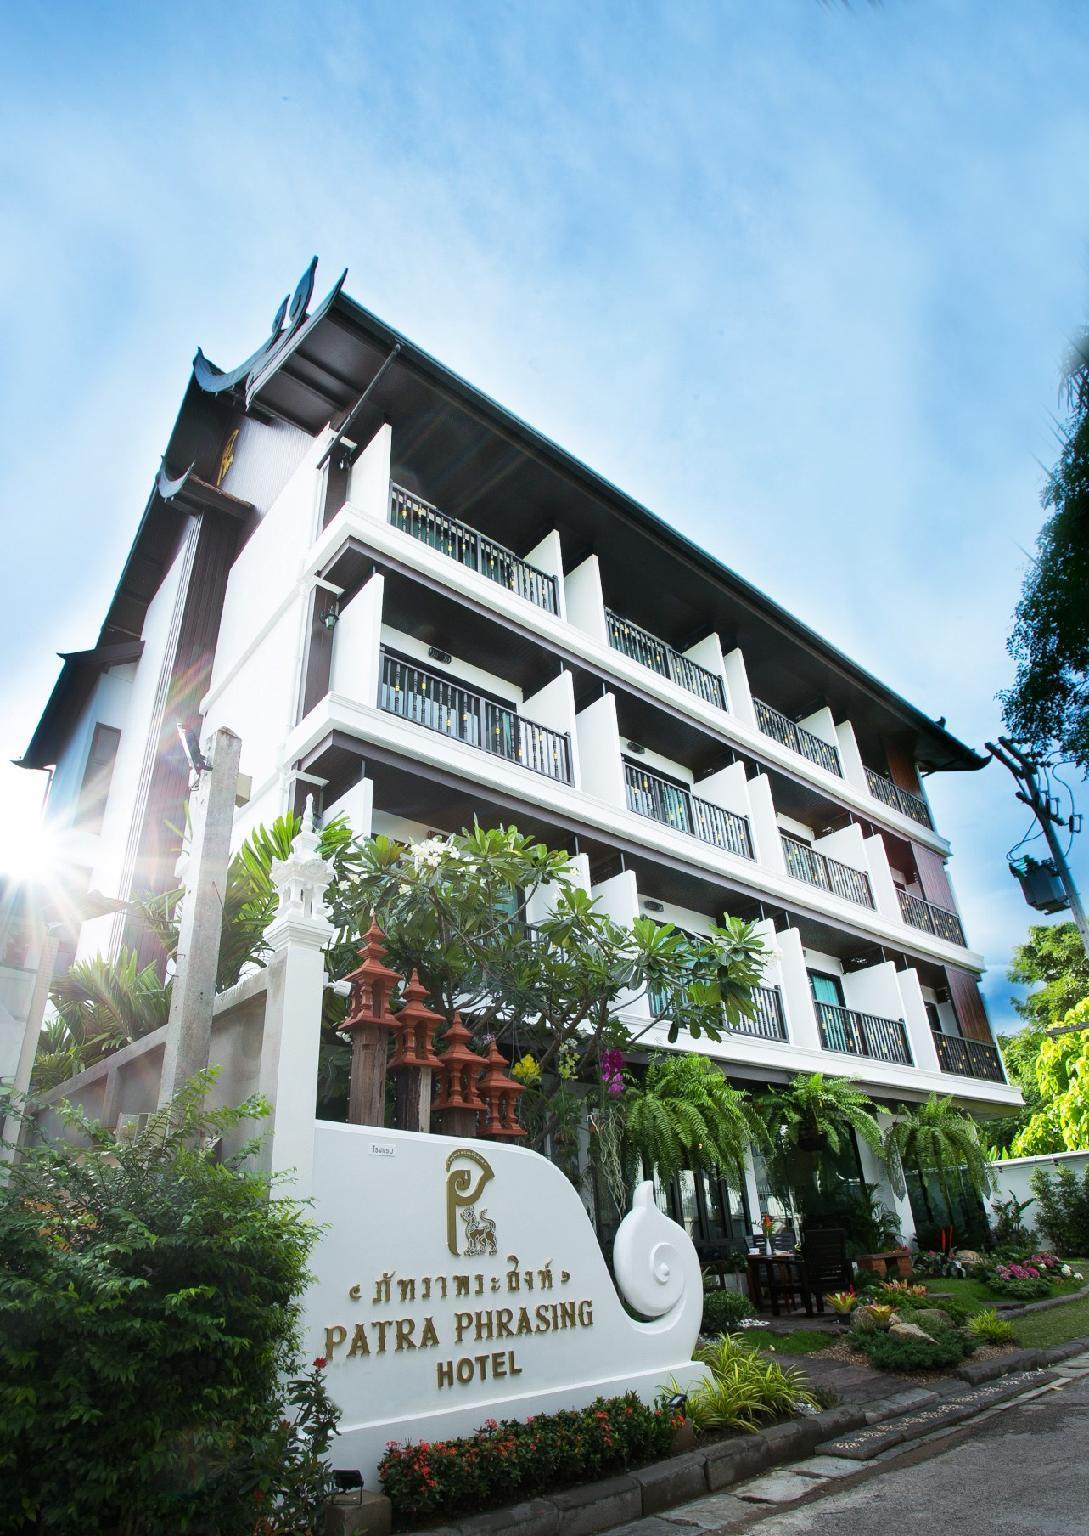 Patra Phrasing Boutique Hotel